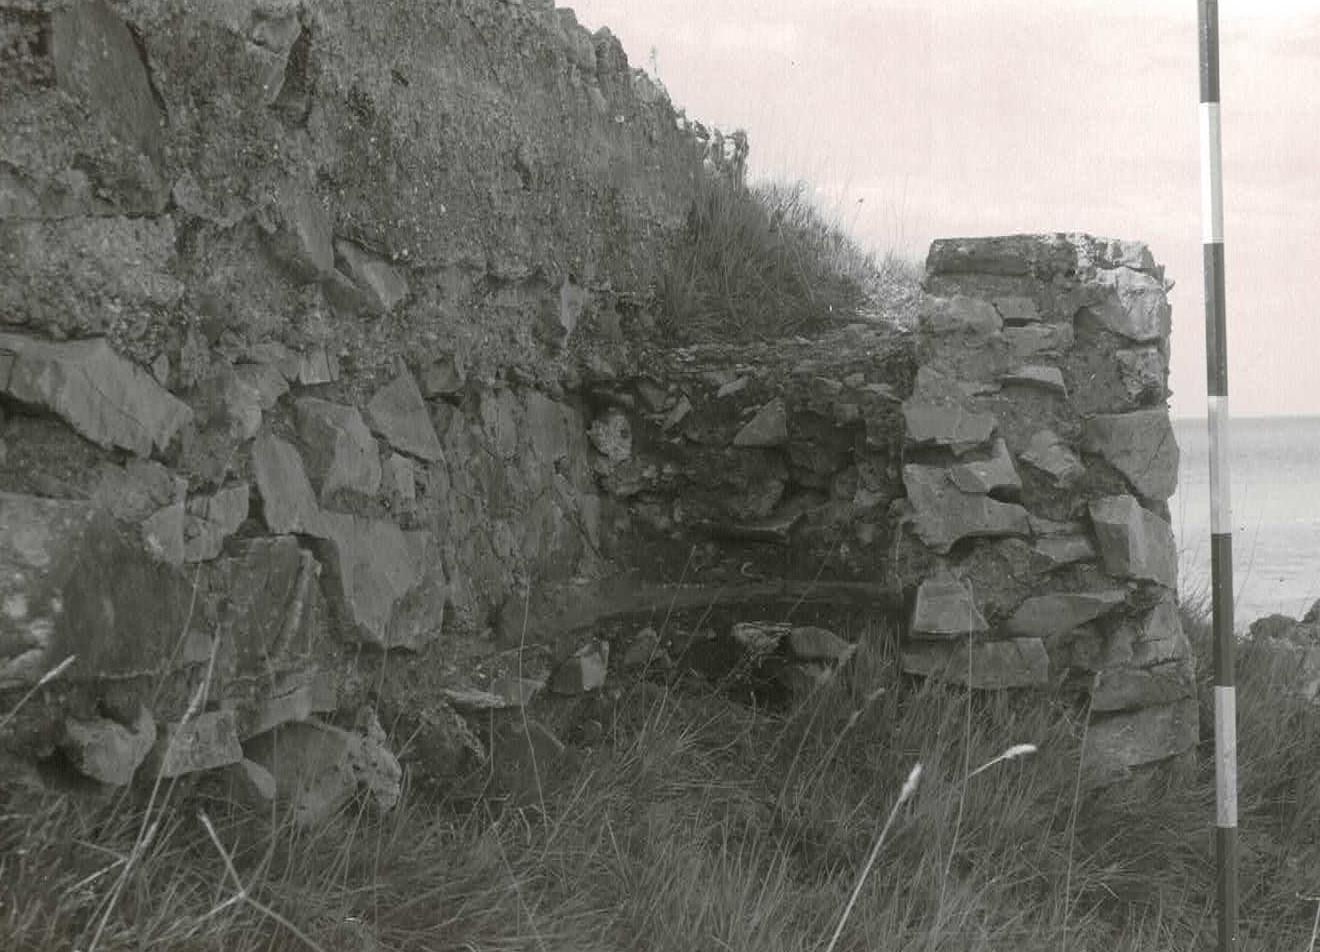 Muri del Porto (villa, insediamento) - Diamante (CS)  (metà/ fine I a.C.-I d.C)